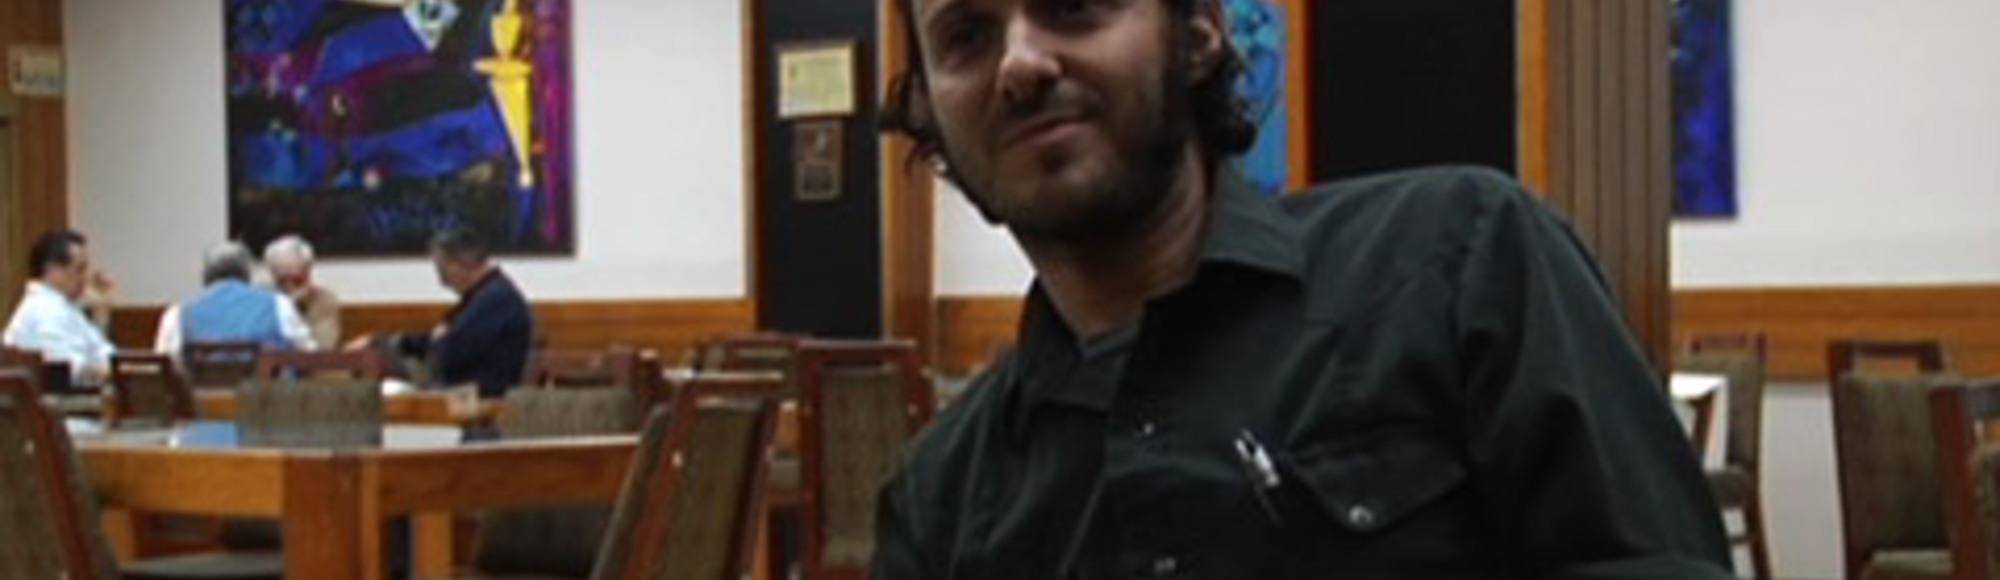 Miguel Calderón